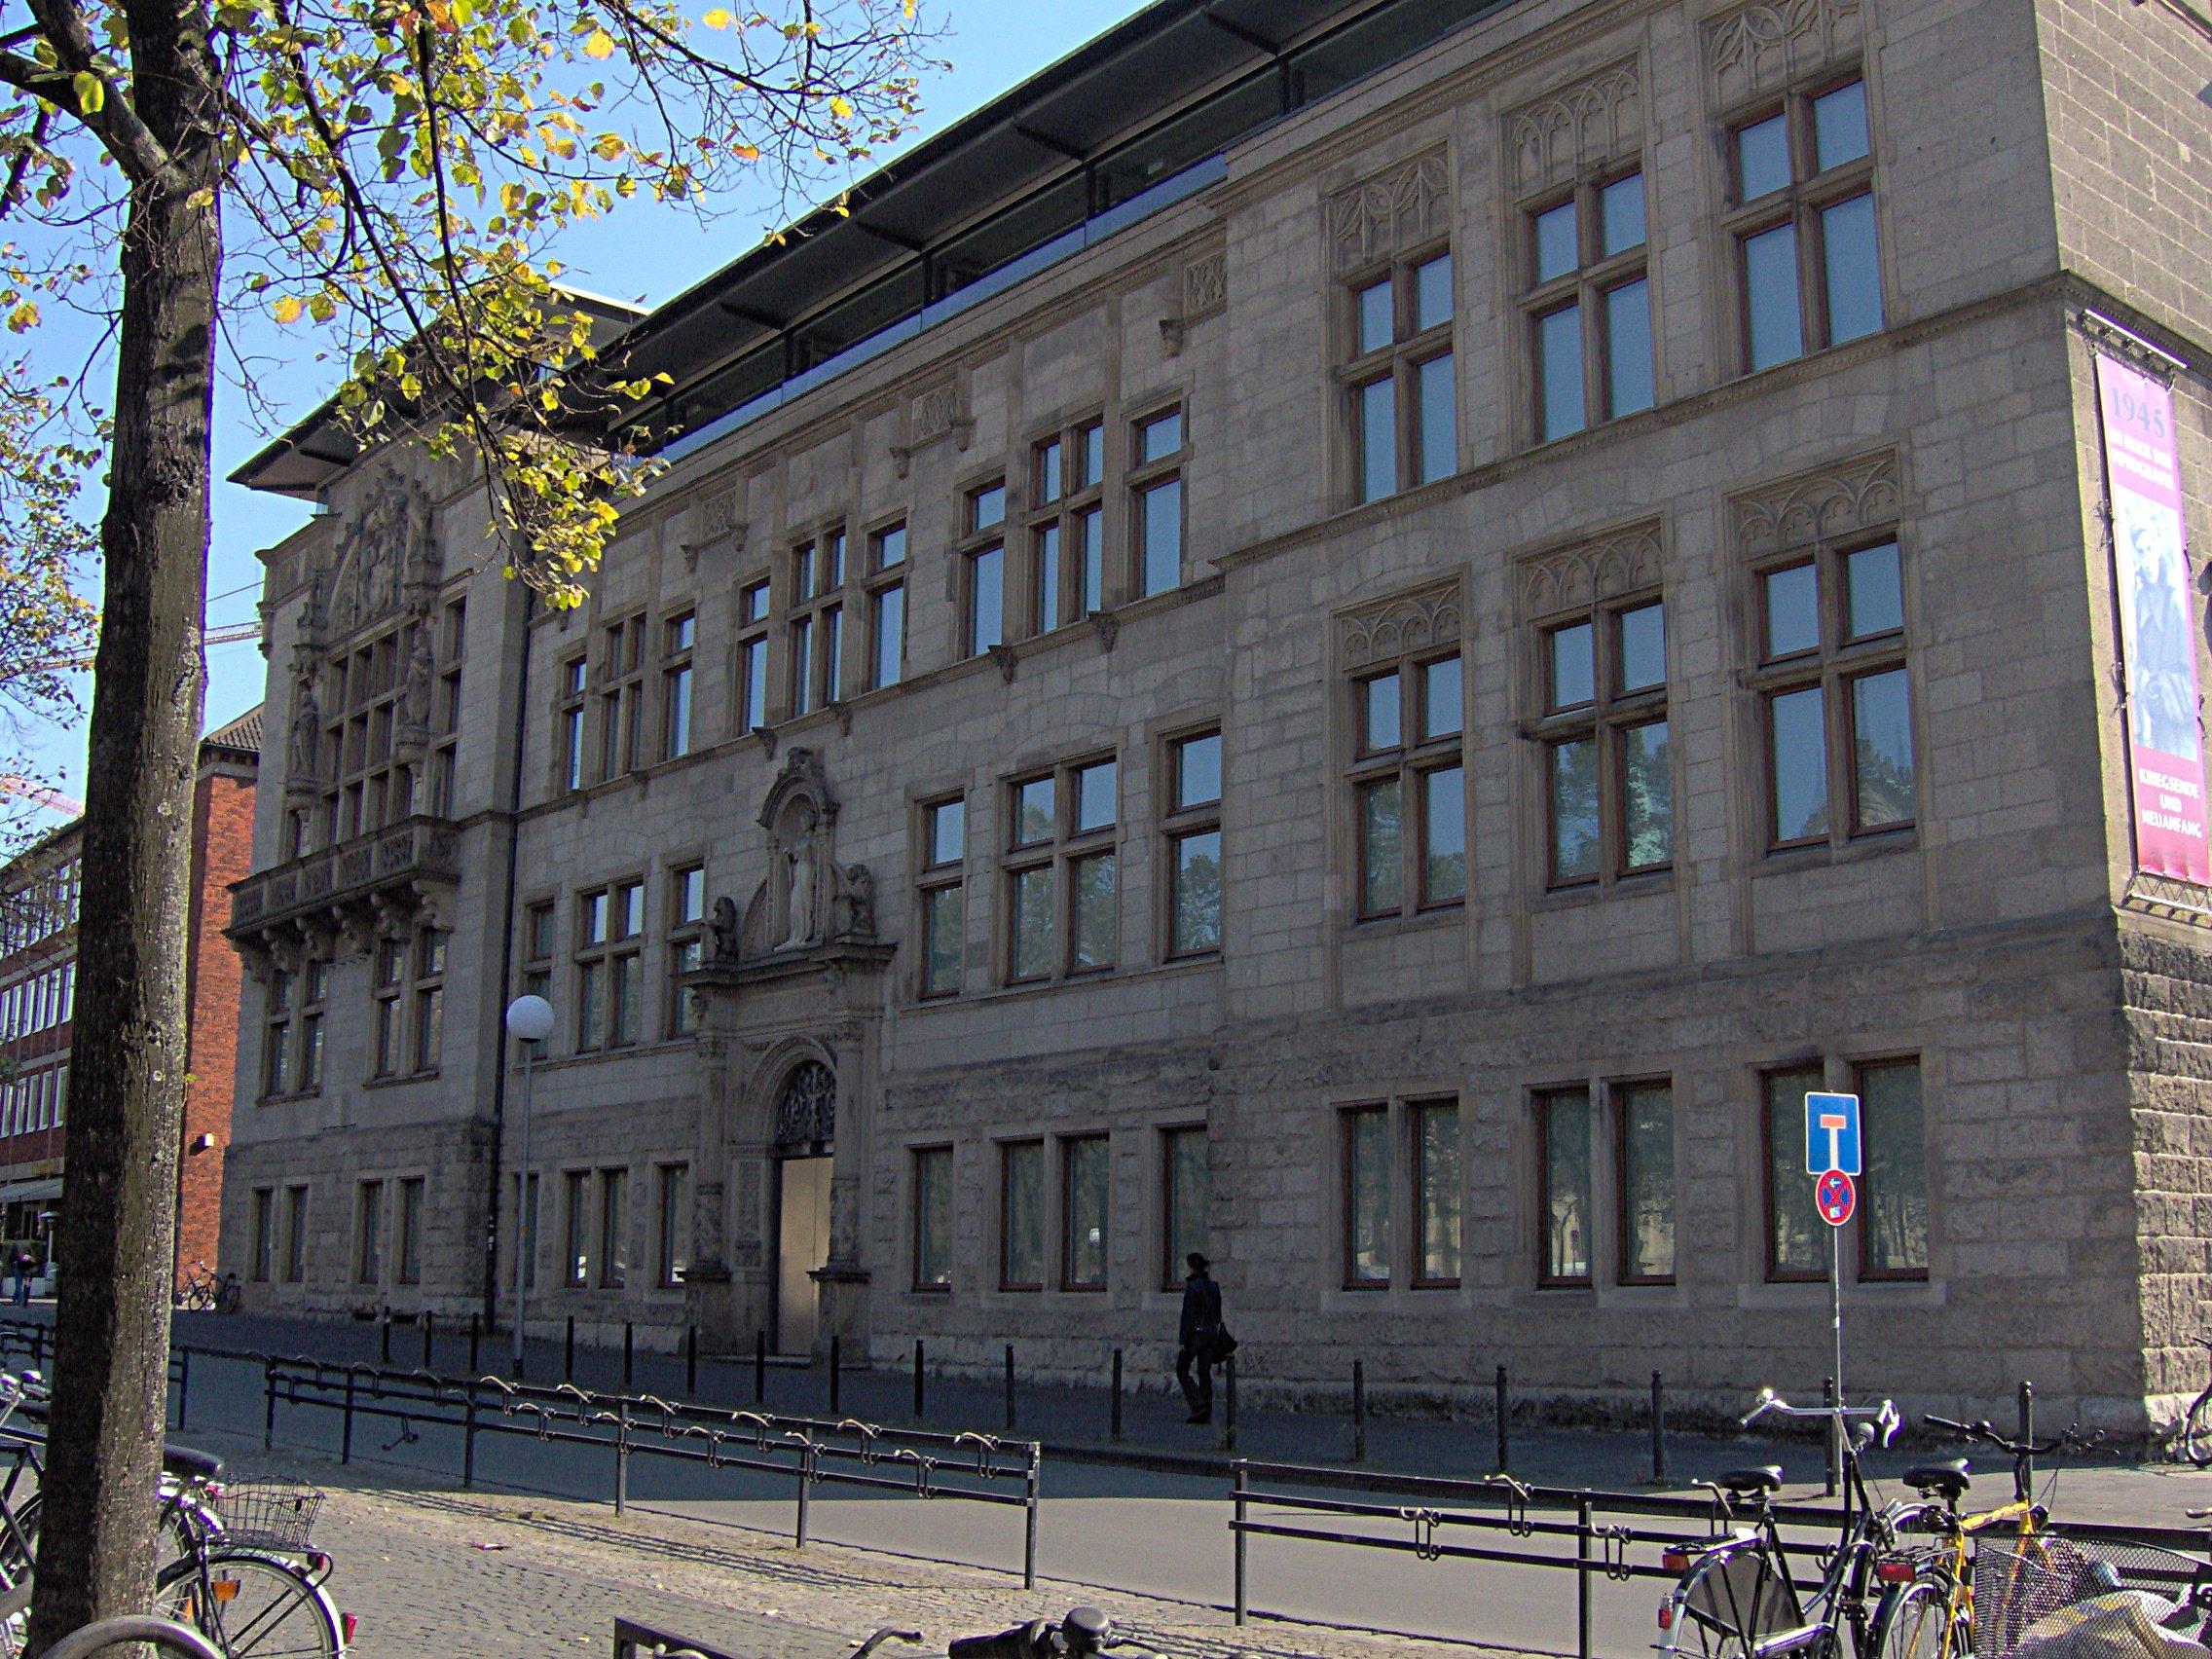 Lwl museum für kunst und kultur   wikiwand